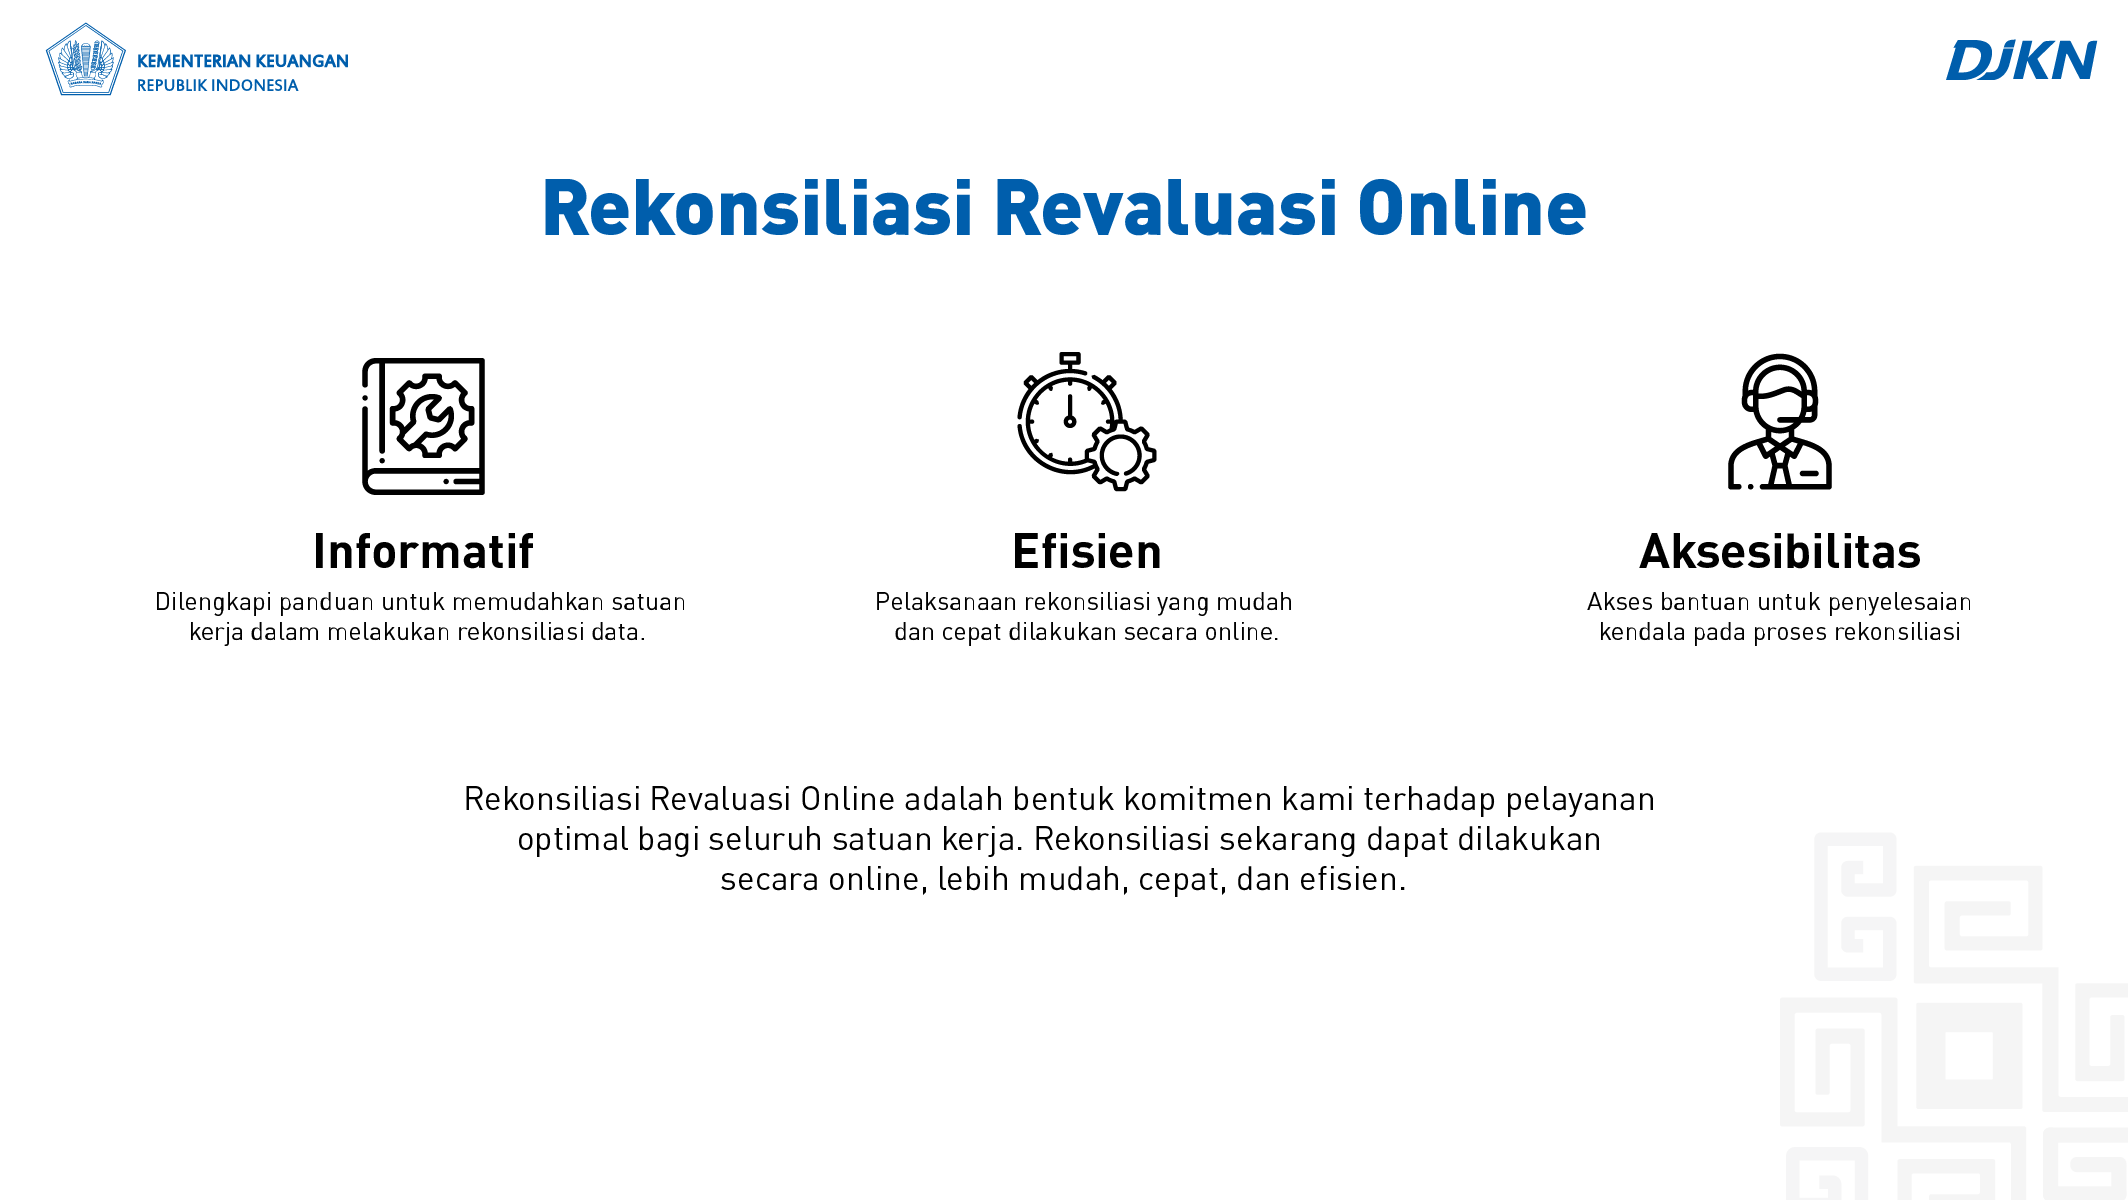 Rekonsiliasi Revaluasi Online